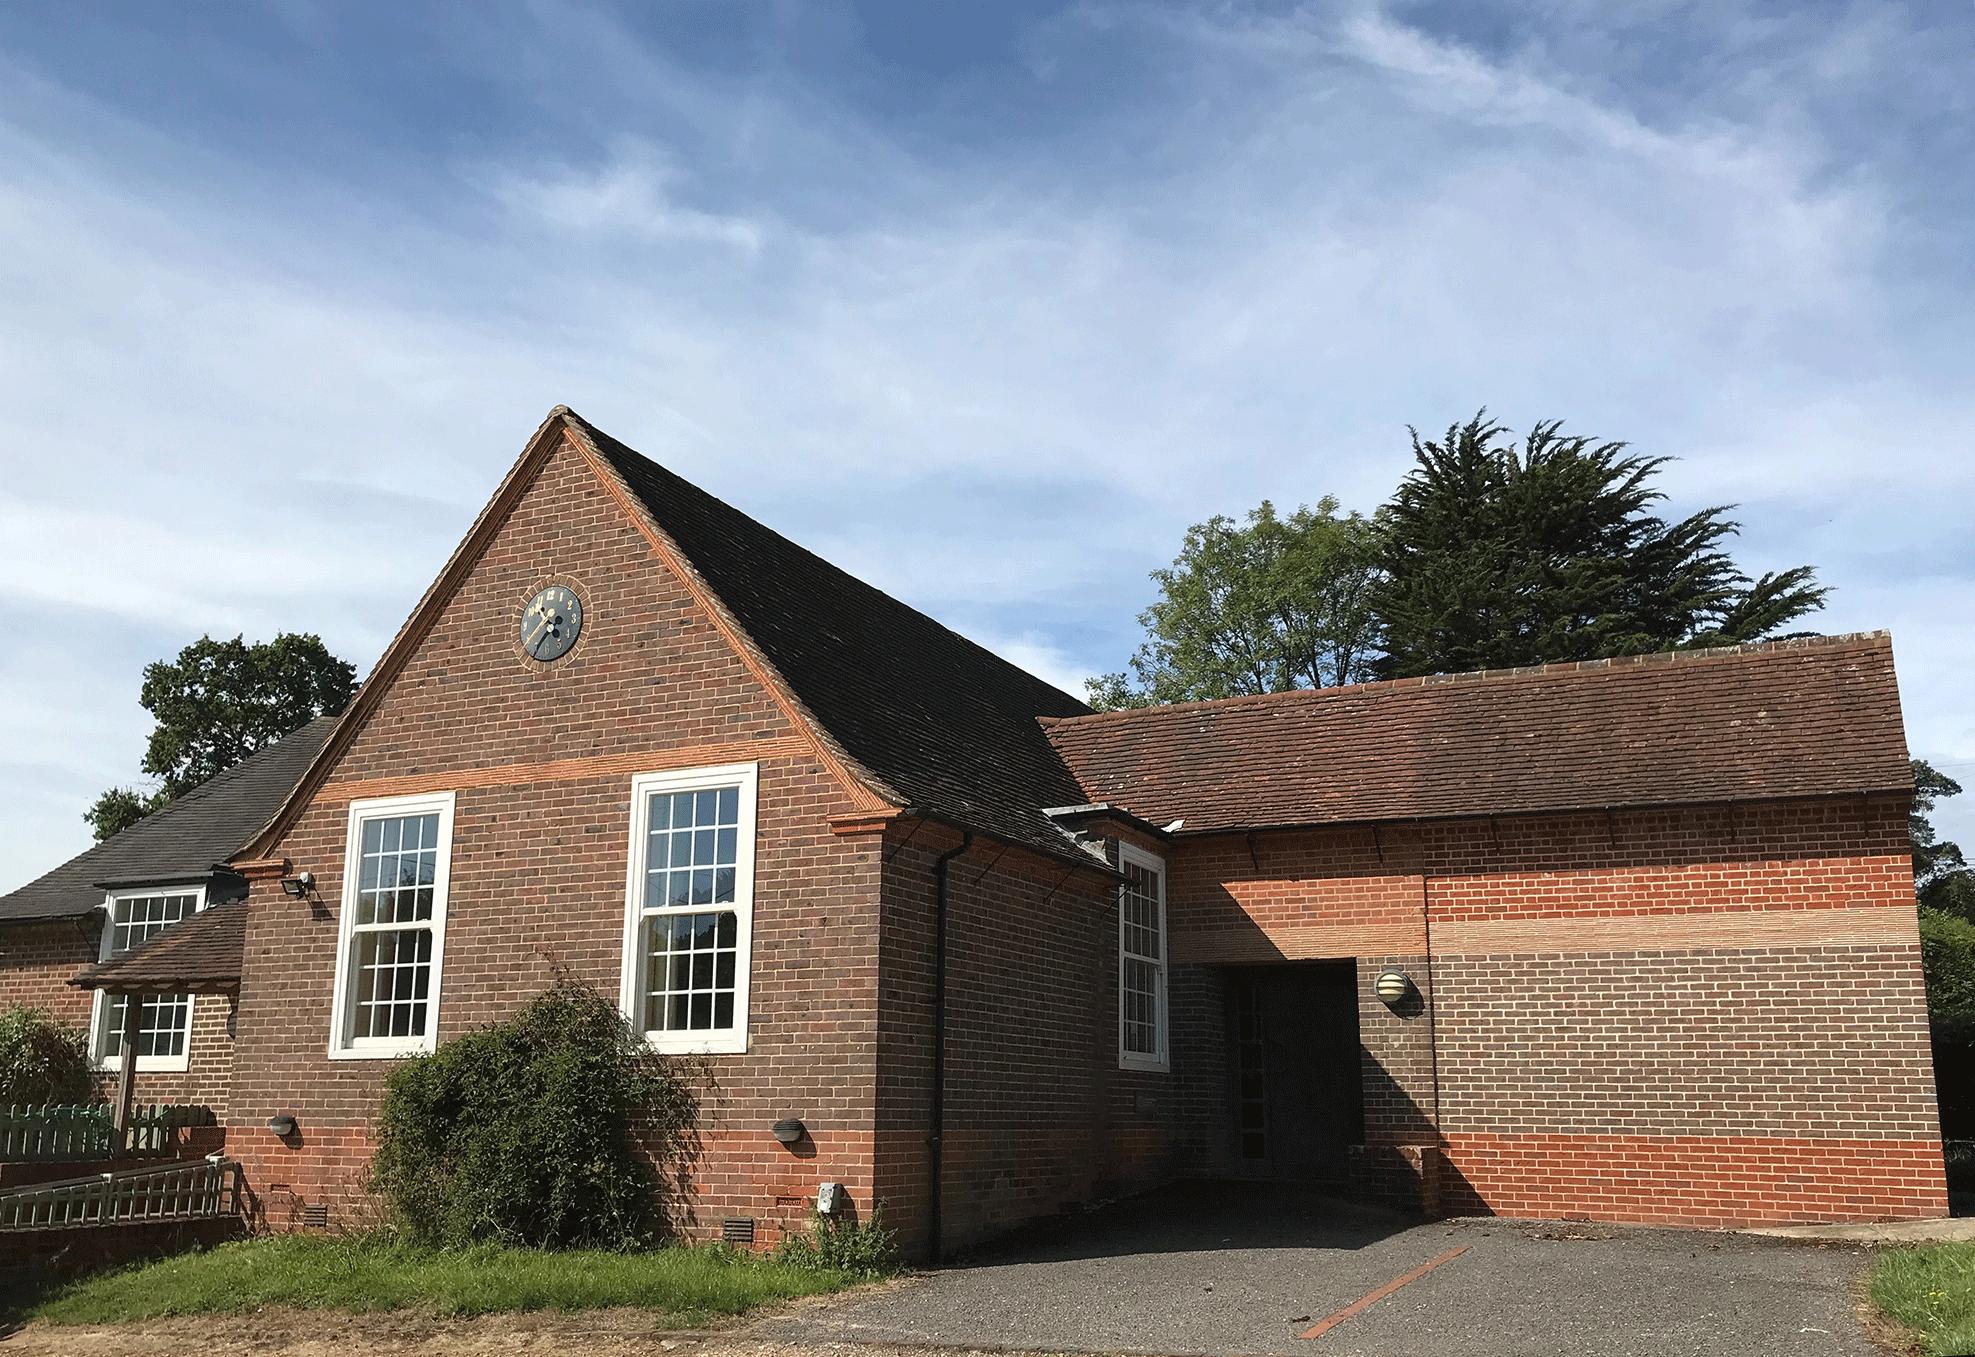 Steep Village Hall